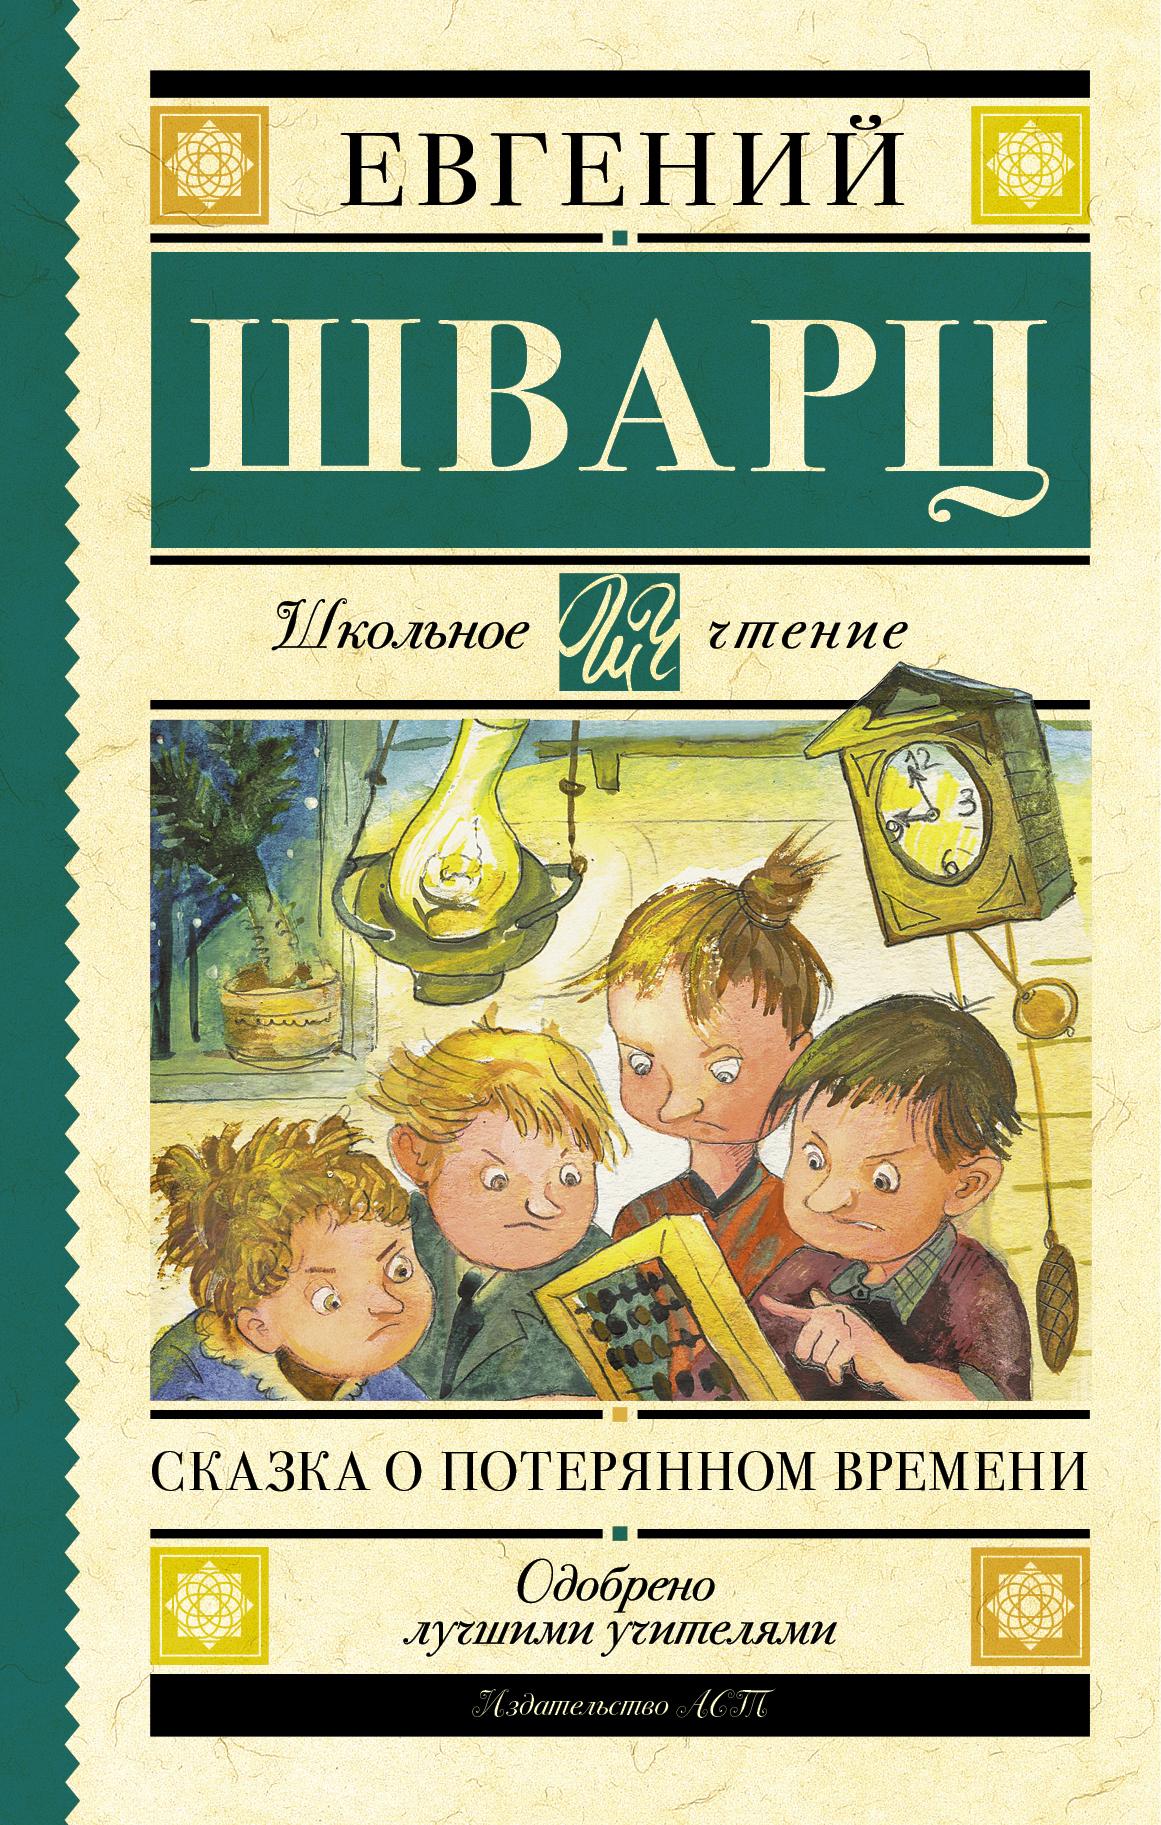 Астафьев сказка стрижонок скрип читать